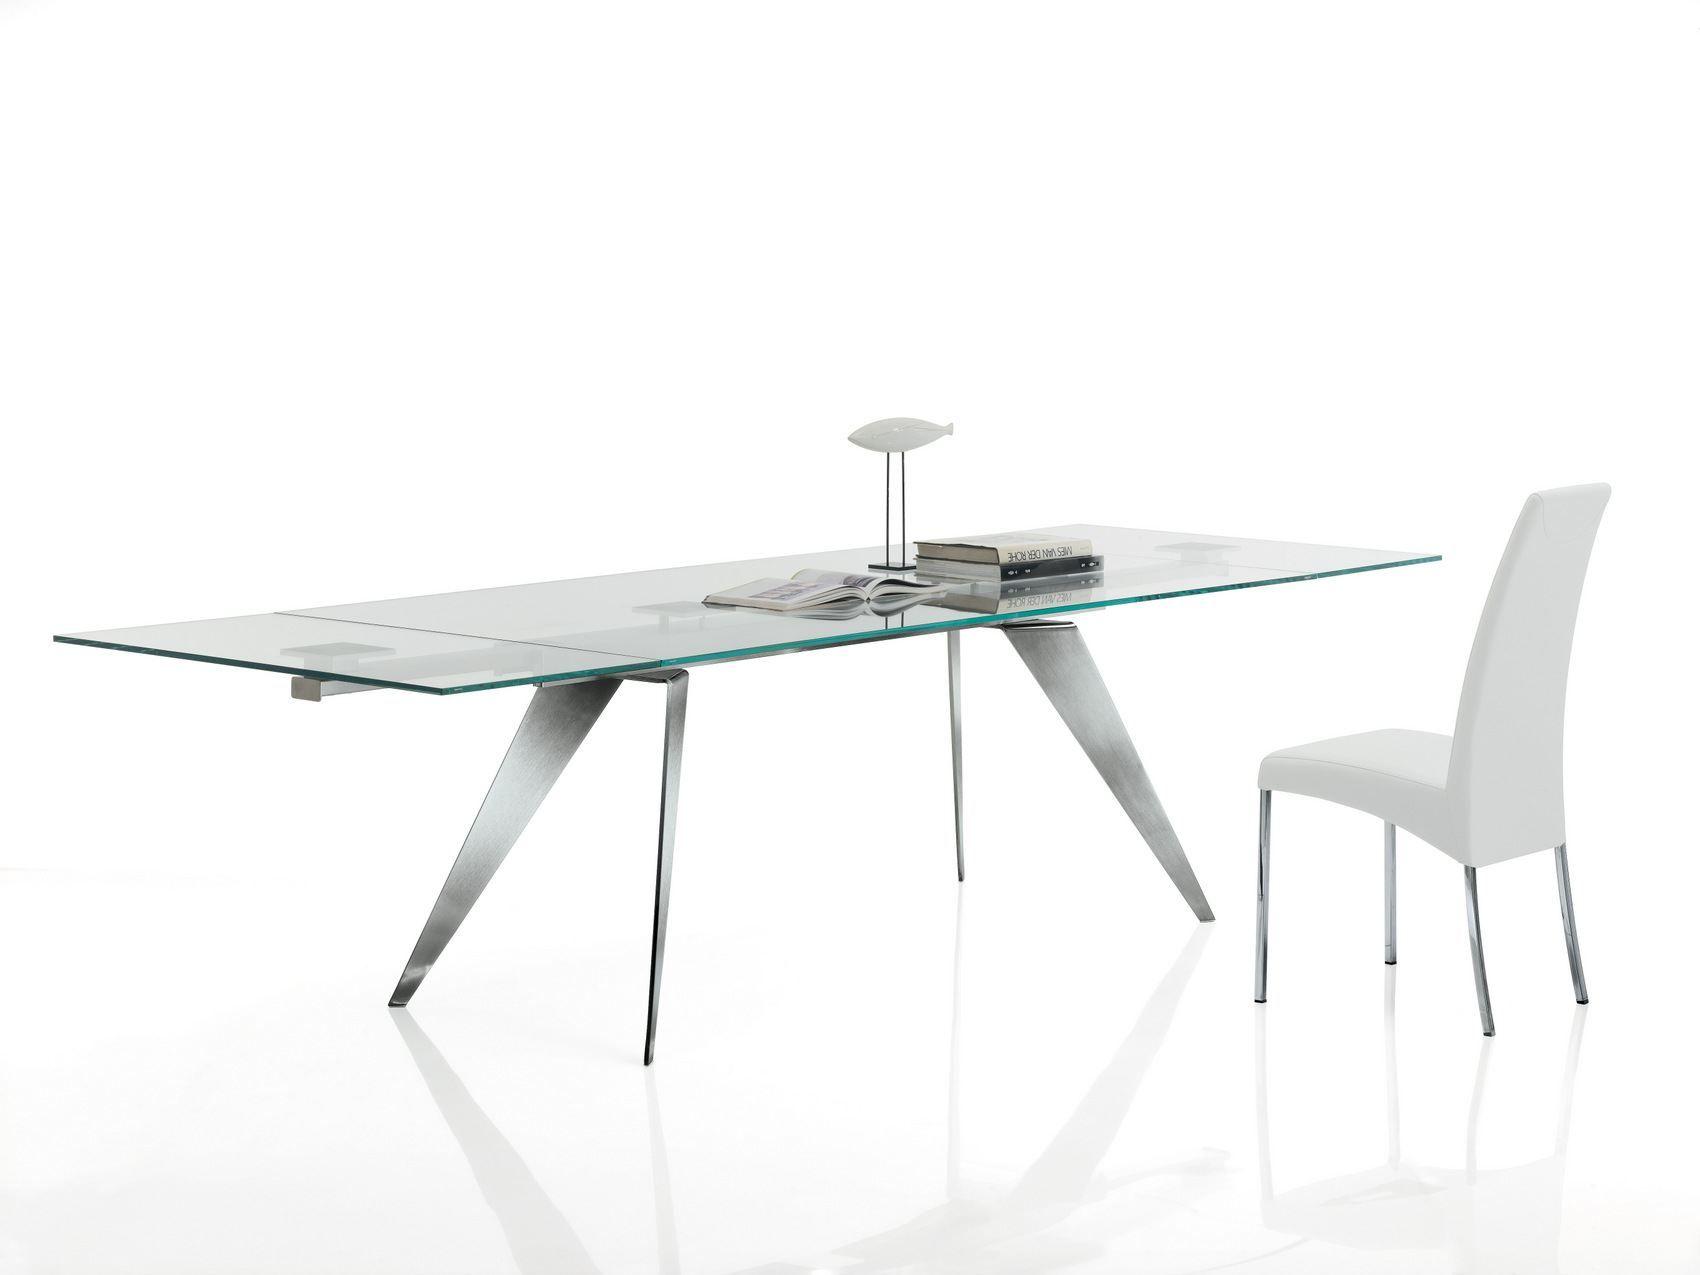 Ramos tavolo allungabile by bontempi design silvia varsi for Tavoli in cristallo e acciaio